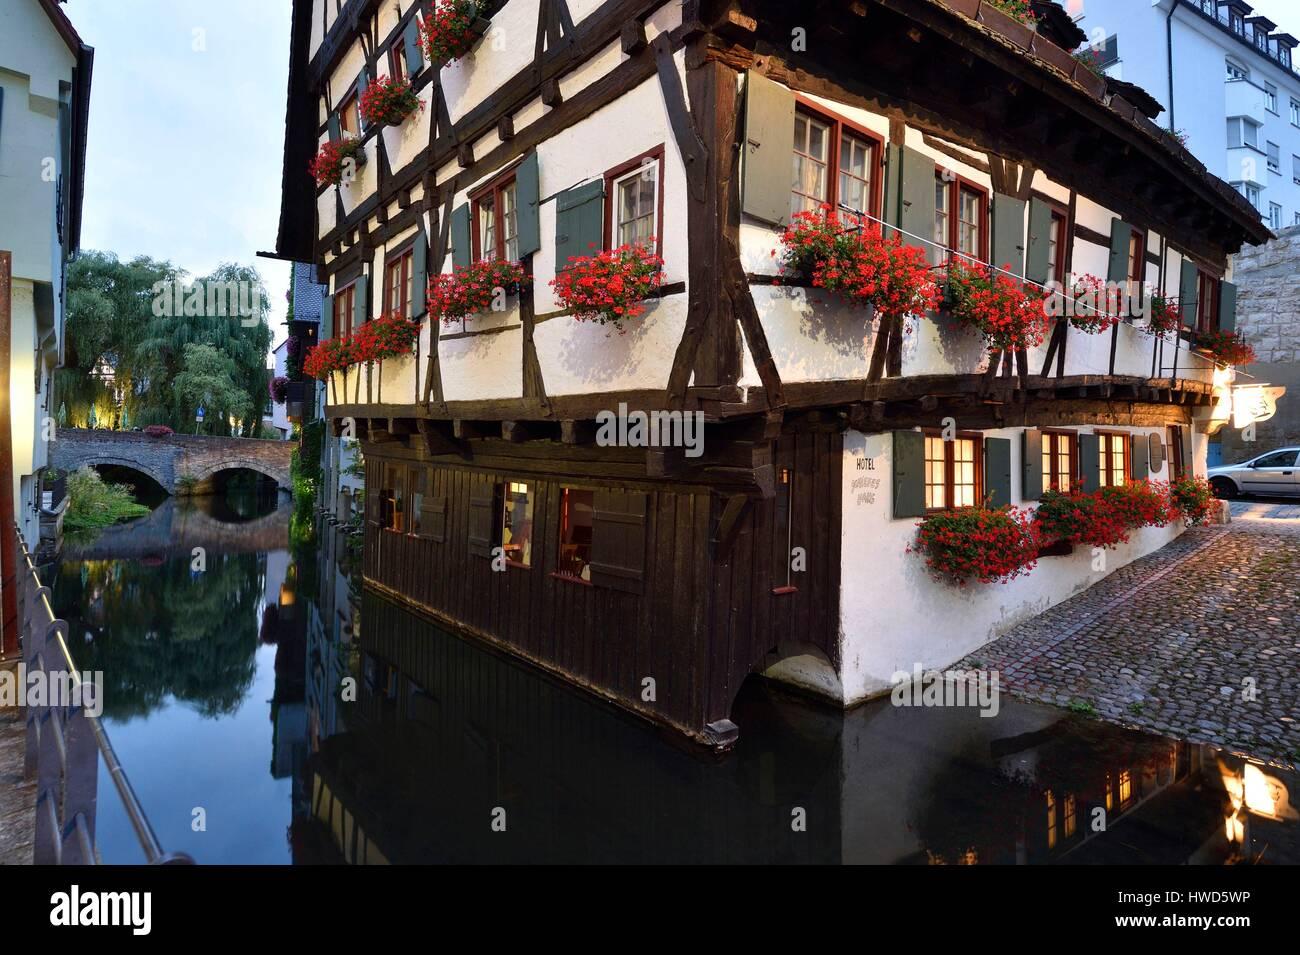 Einstein Haus Stockfotos & Einstein Haus Bilder - Alamy